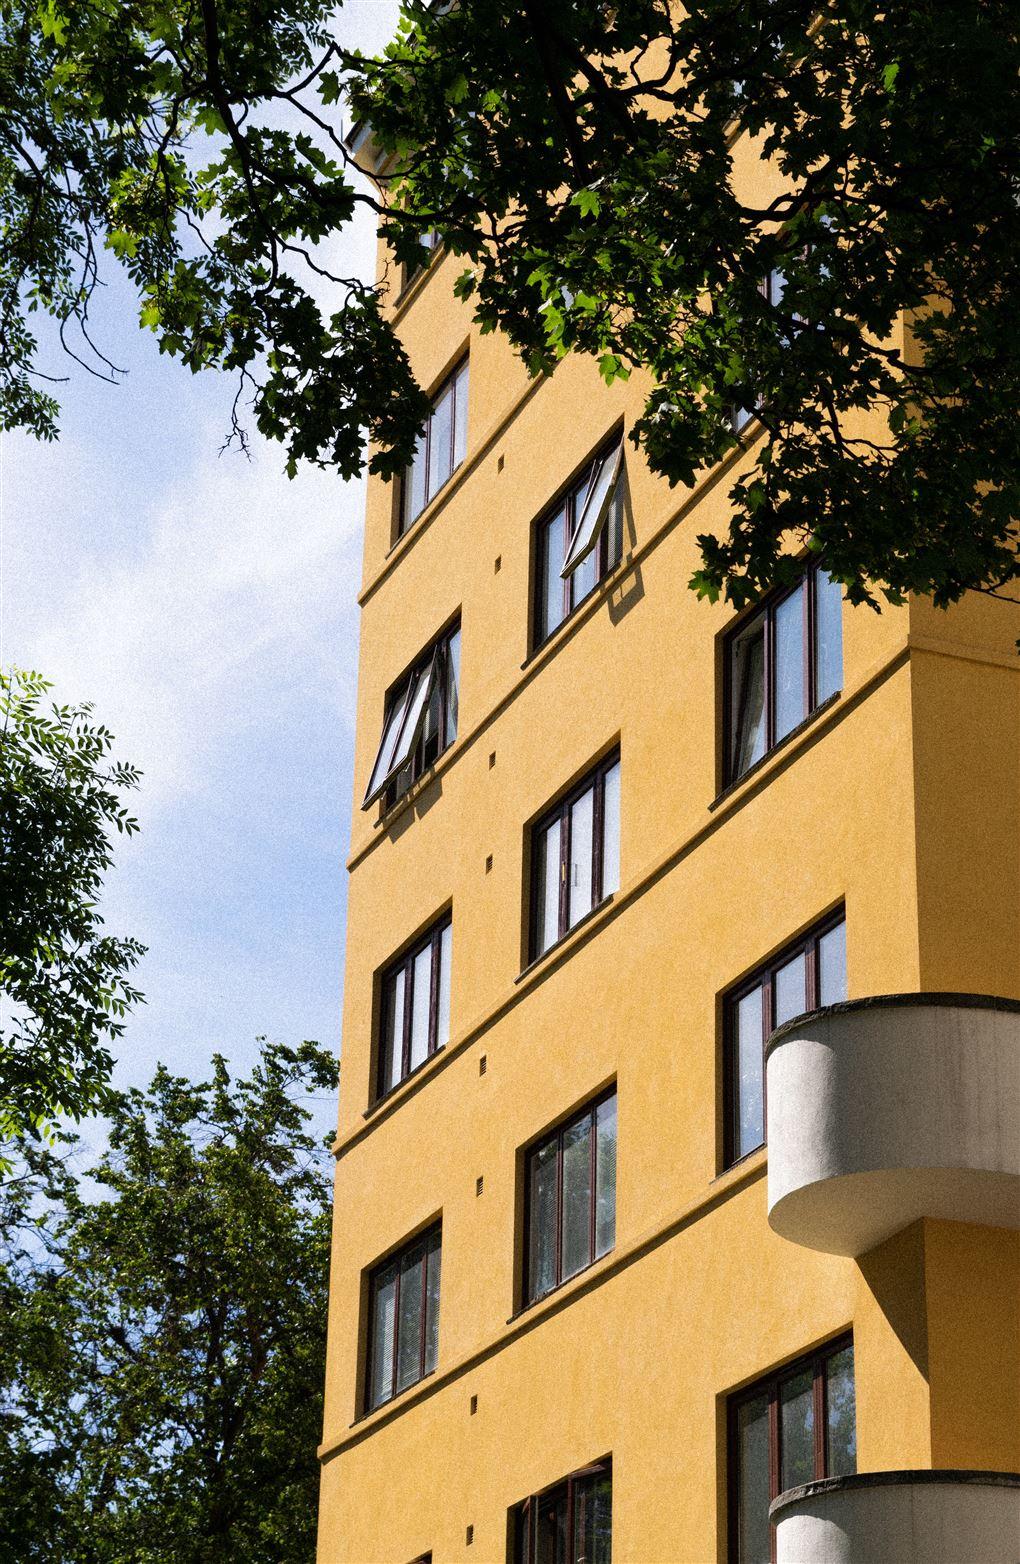 en gul etageejendom